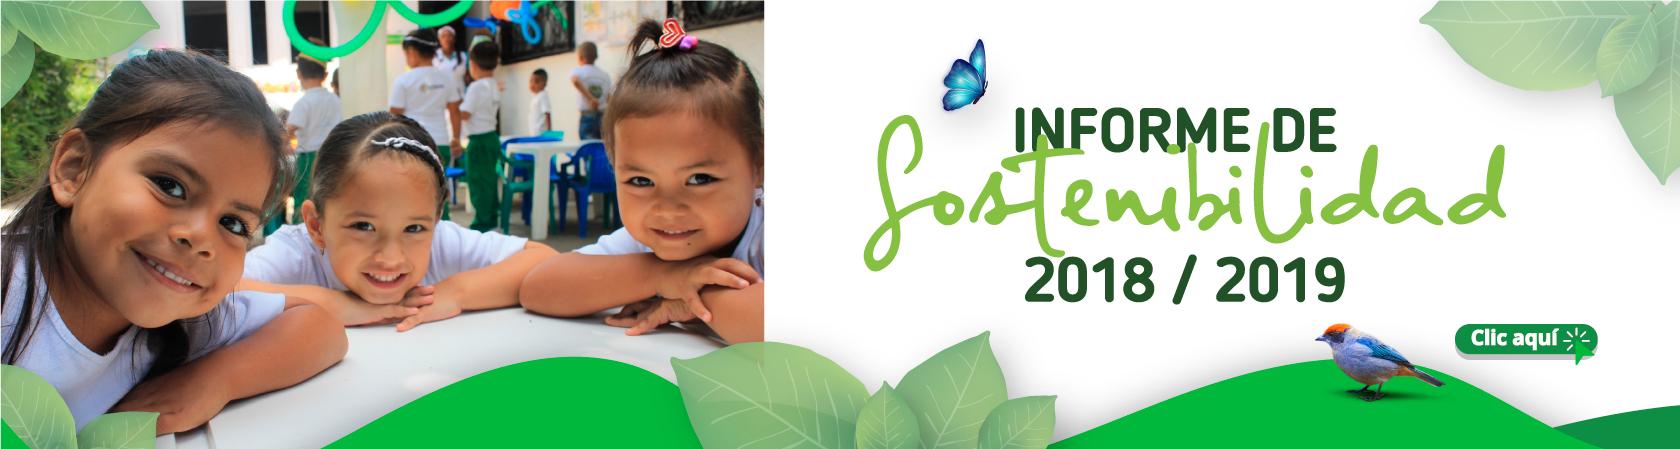 informe de sostenibilidad_en